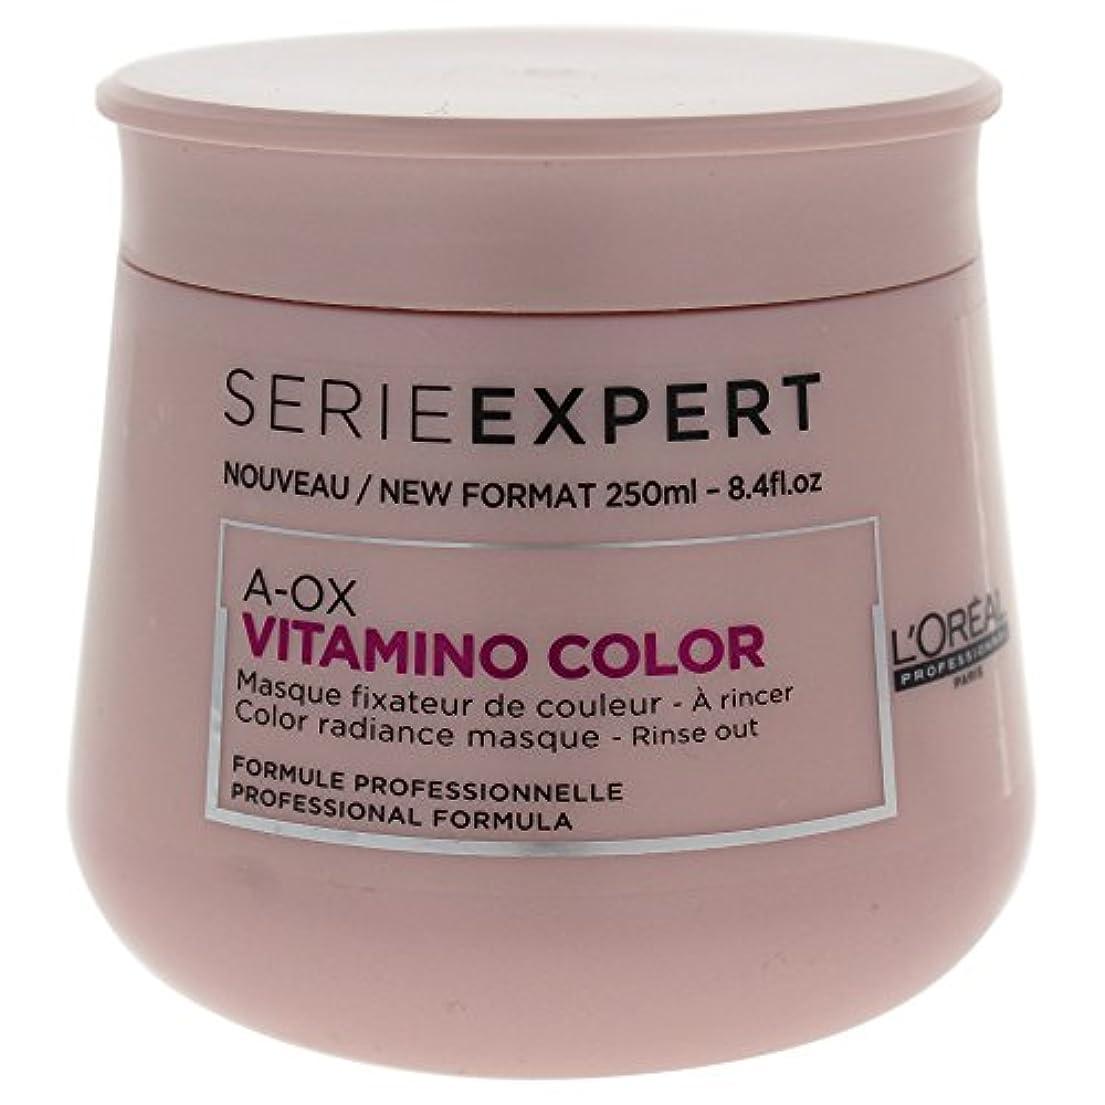 ご注意プレミアボーダーL'Oreal Serie Expert A-OX VITAMINO COLOR Color Radiance Masque 250 ml [並行輸入品]